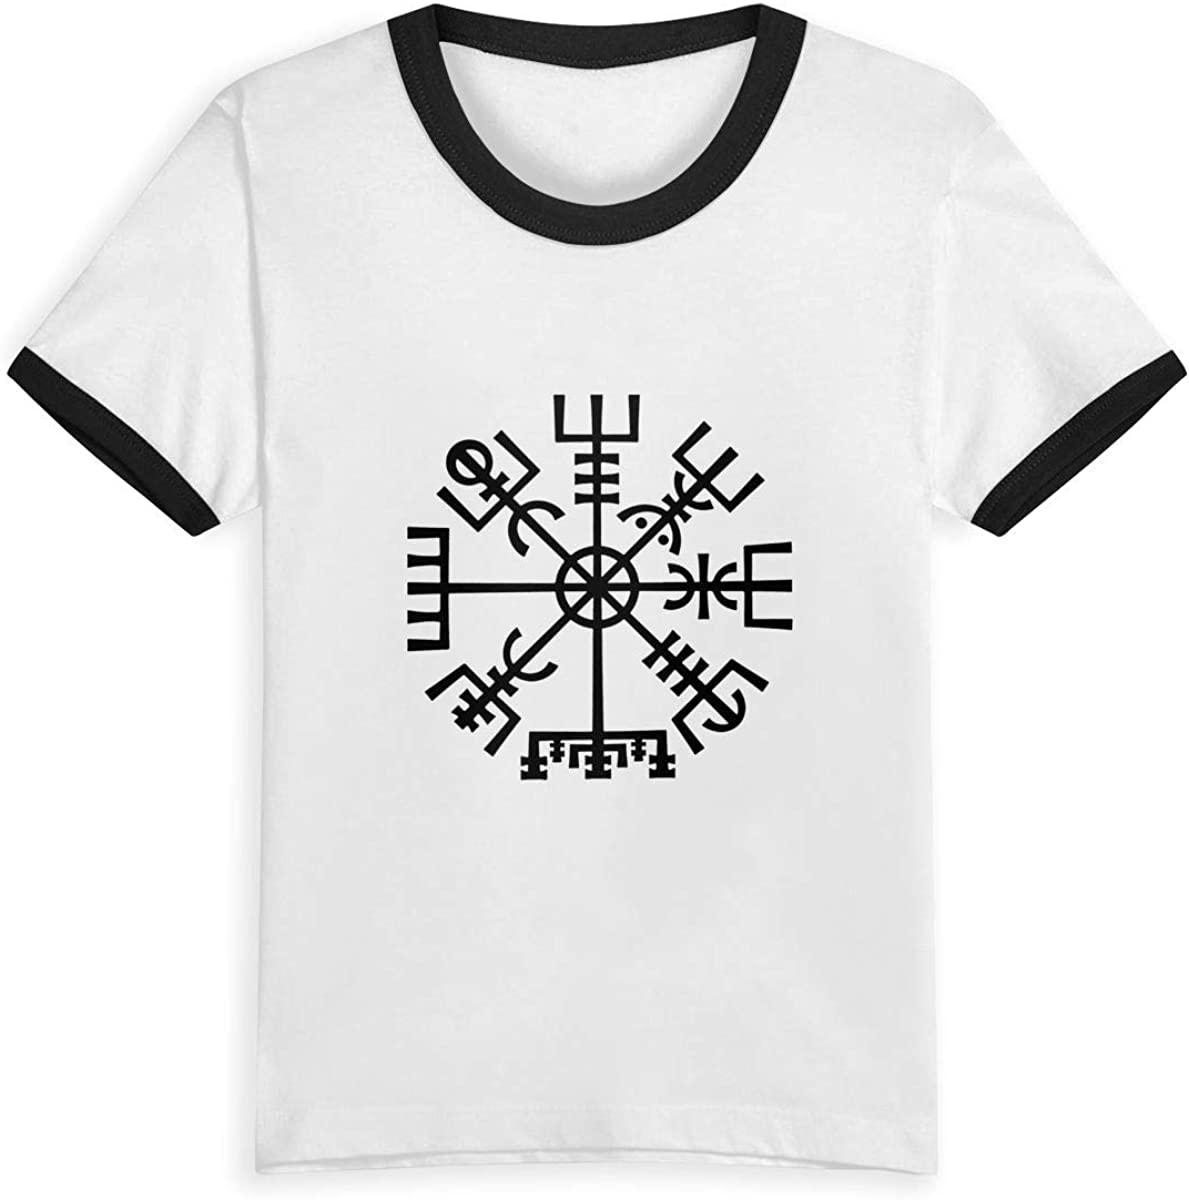 Queen Elena - Brújula negra vikinga, 2-6Y estampado de dibujos animados, camiseta de verano para niños y niñas, camisetas a la moda, ropa de algodón para niños pequeños, color de contraste Negro